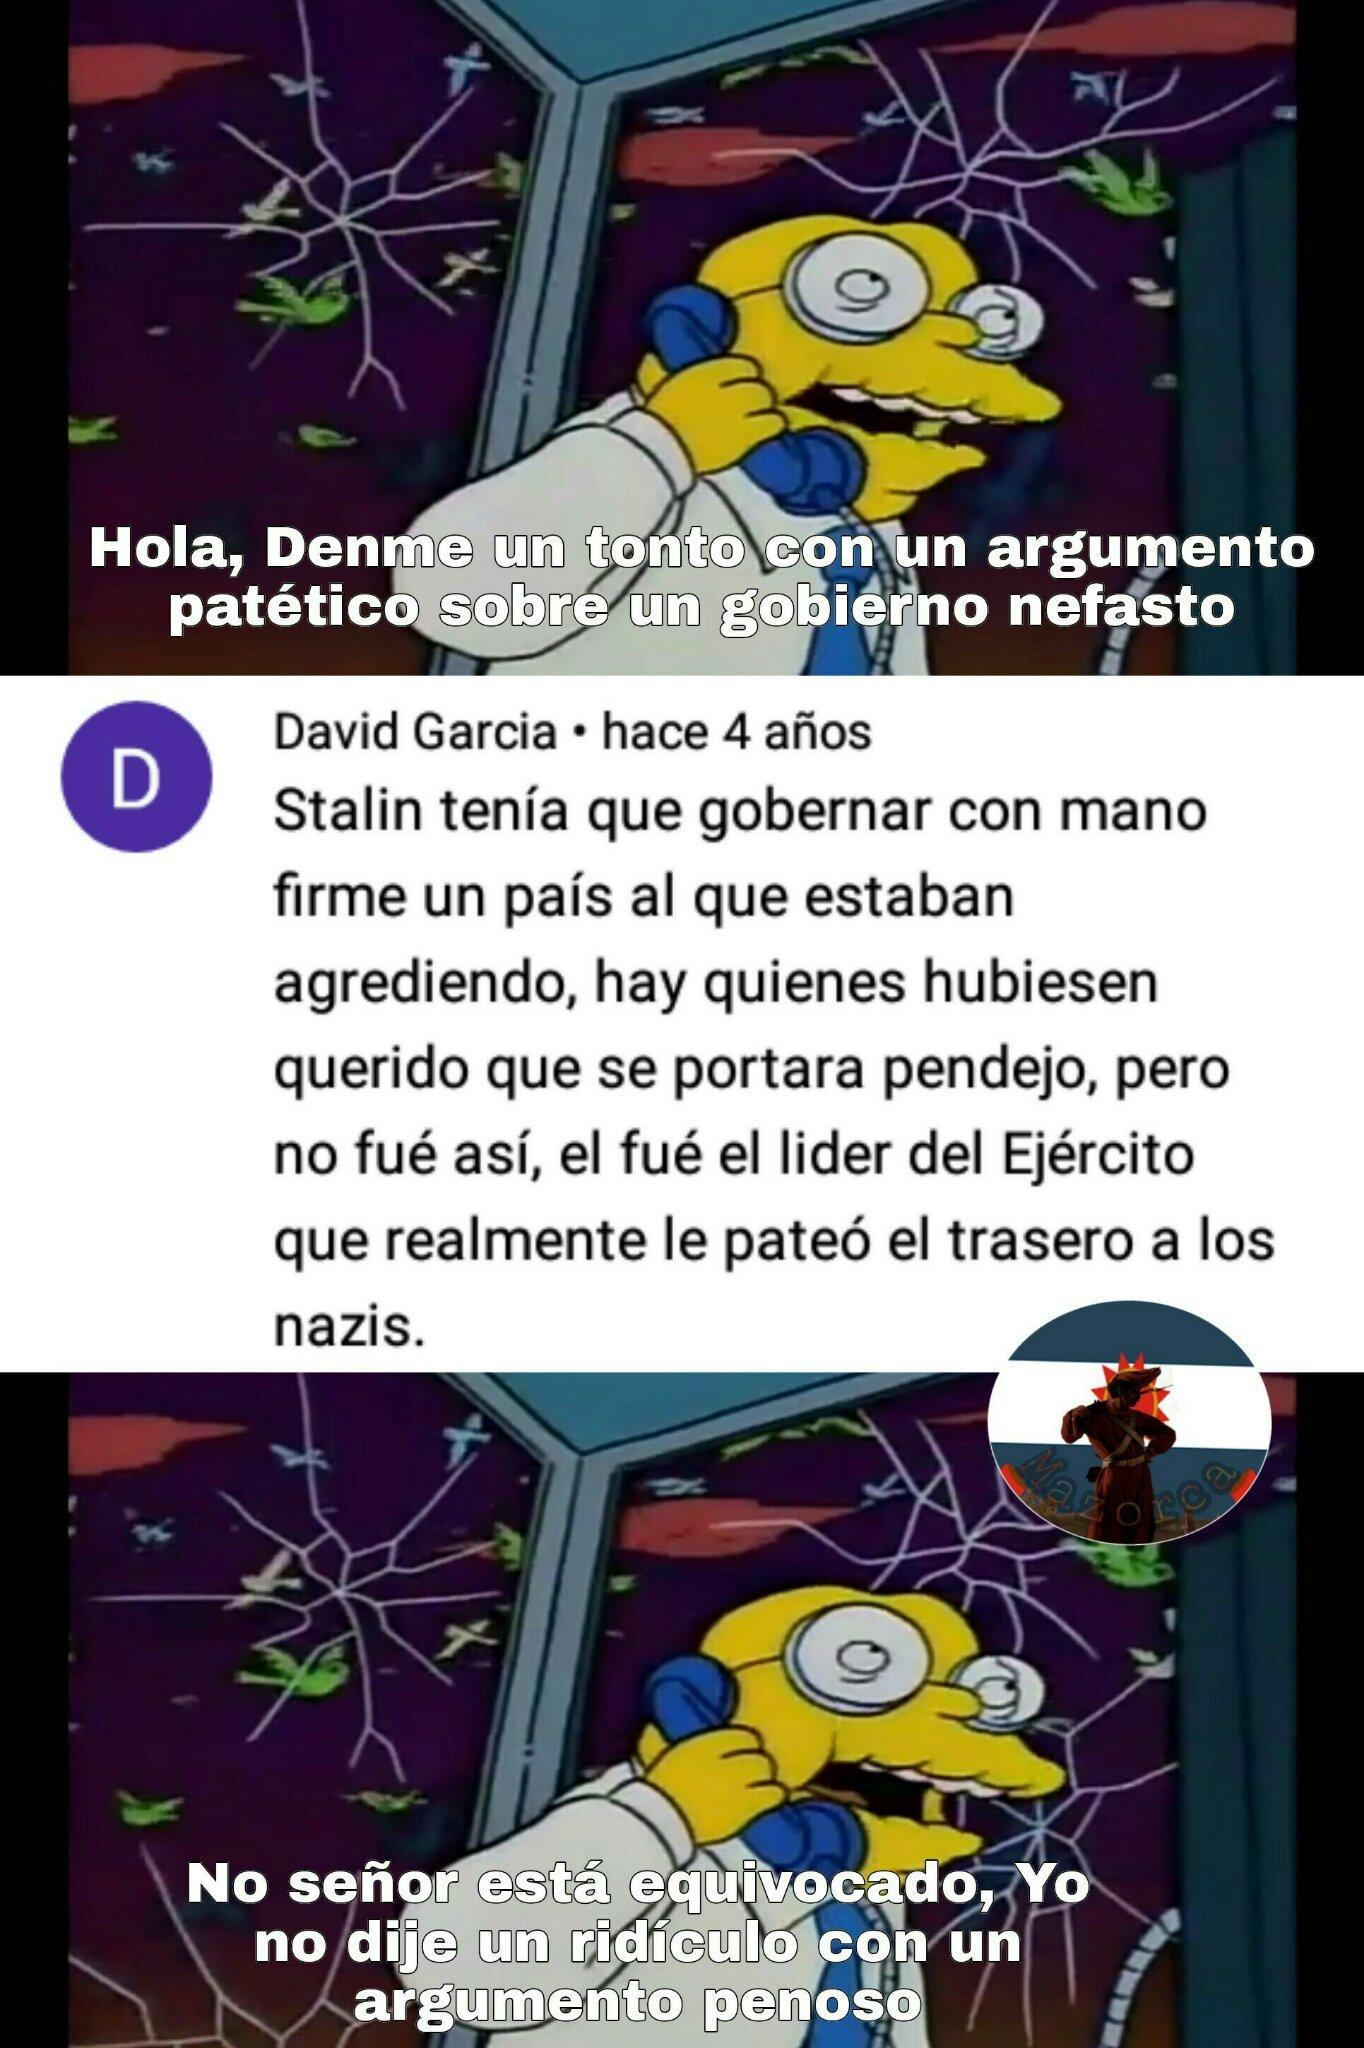 Que bueno que mataron a los N4zIz- EL MARICON DE IZQUIERDA - meme